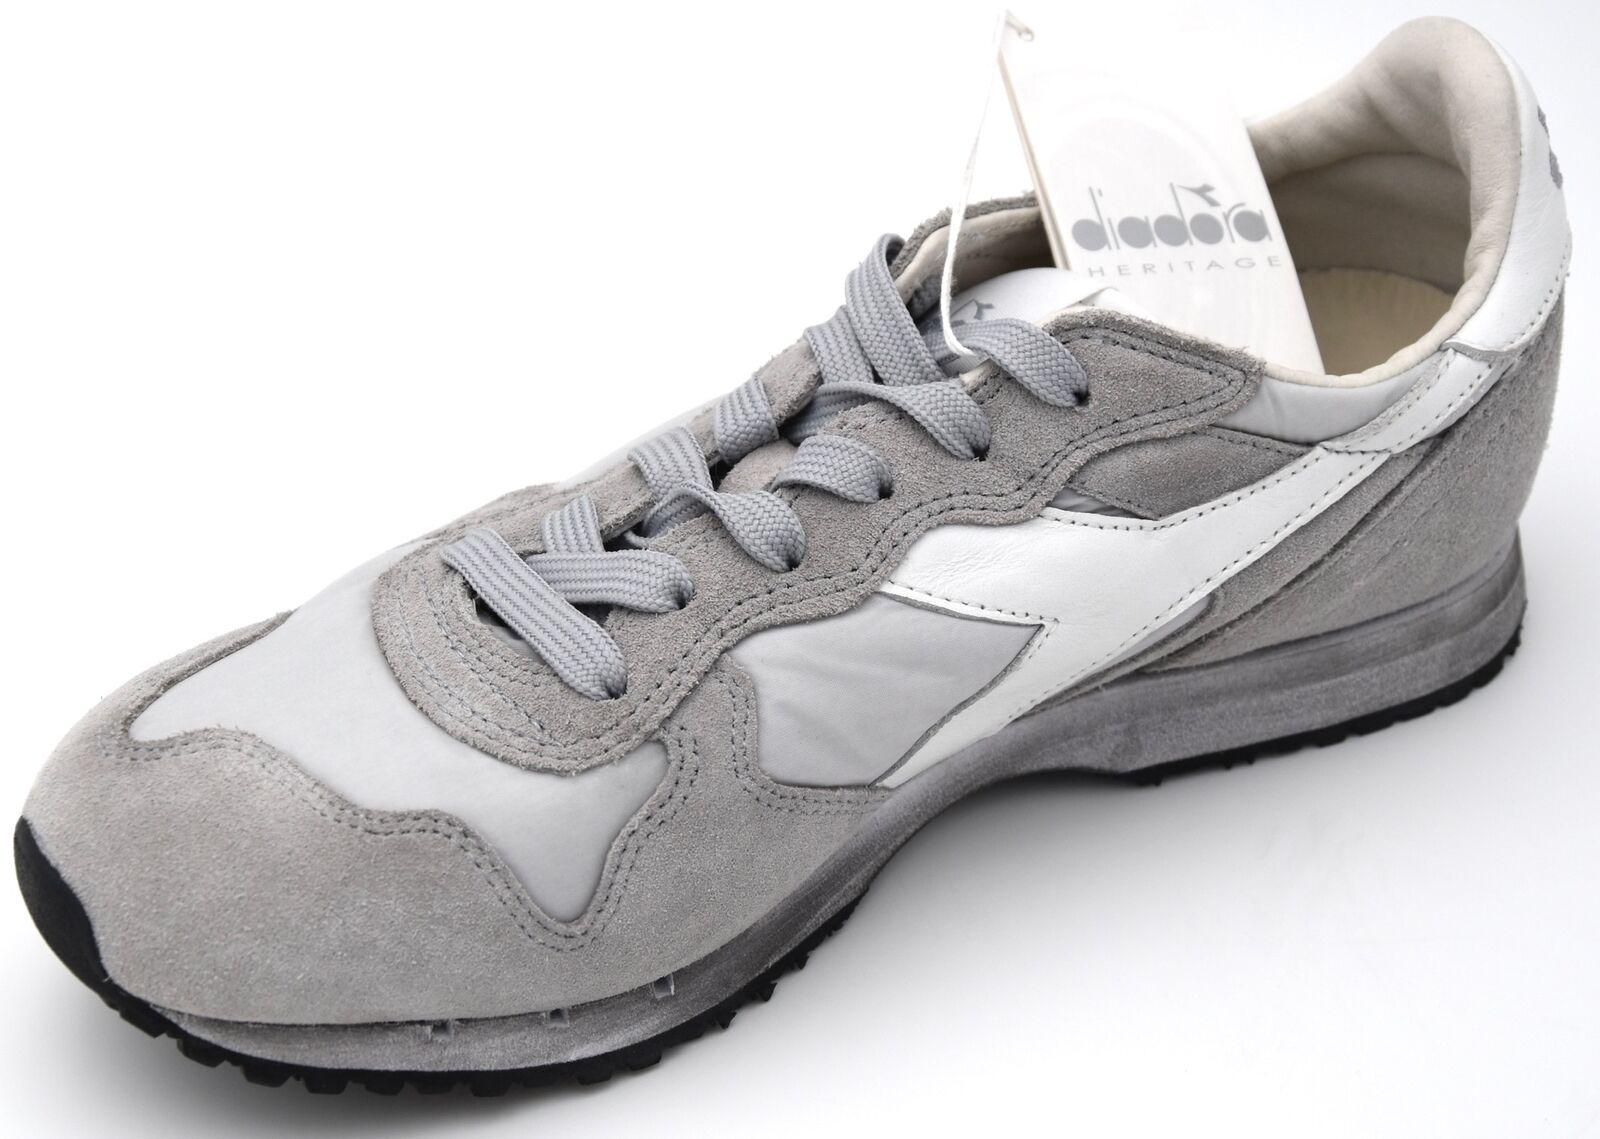 DIADORA UOMO SCARPA scarpe scarpe scarpe da ginnastica CASUAL TEMPO LIBERO 201.157083 01 TRIDENT NY S.W | Superficie facile da pulire  28a8ba